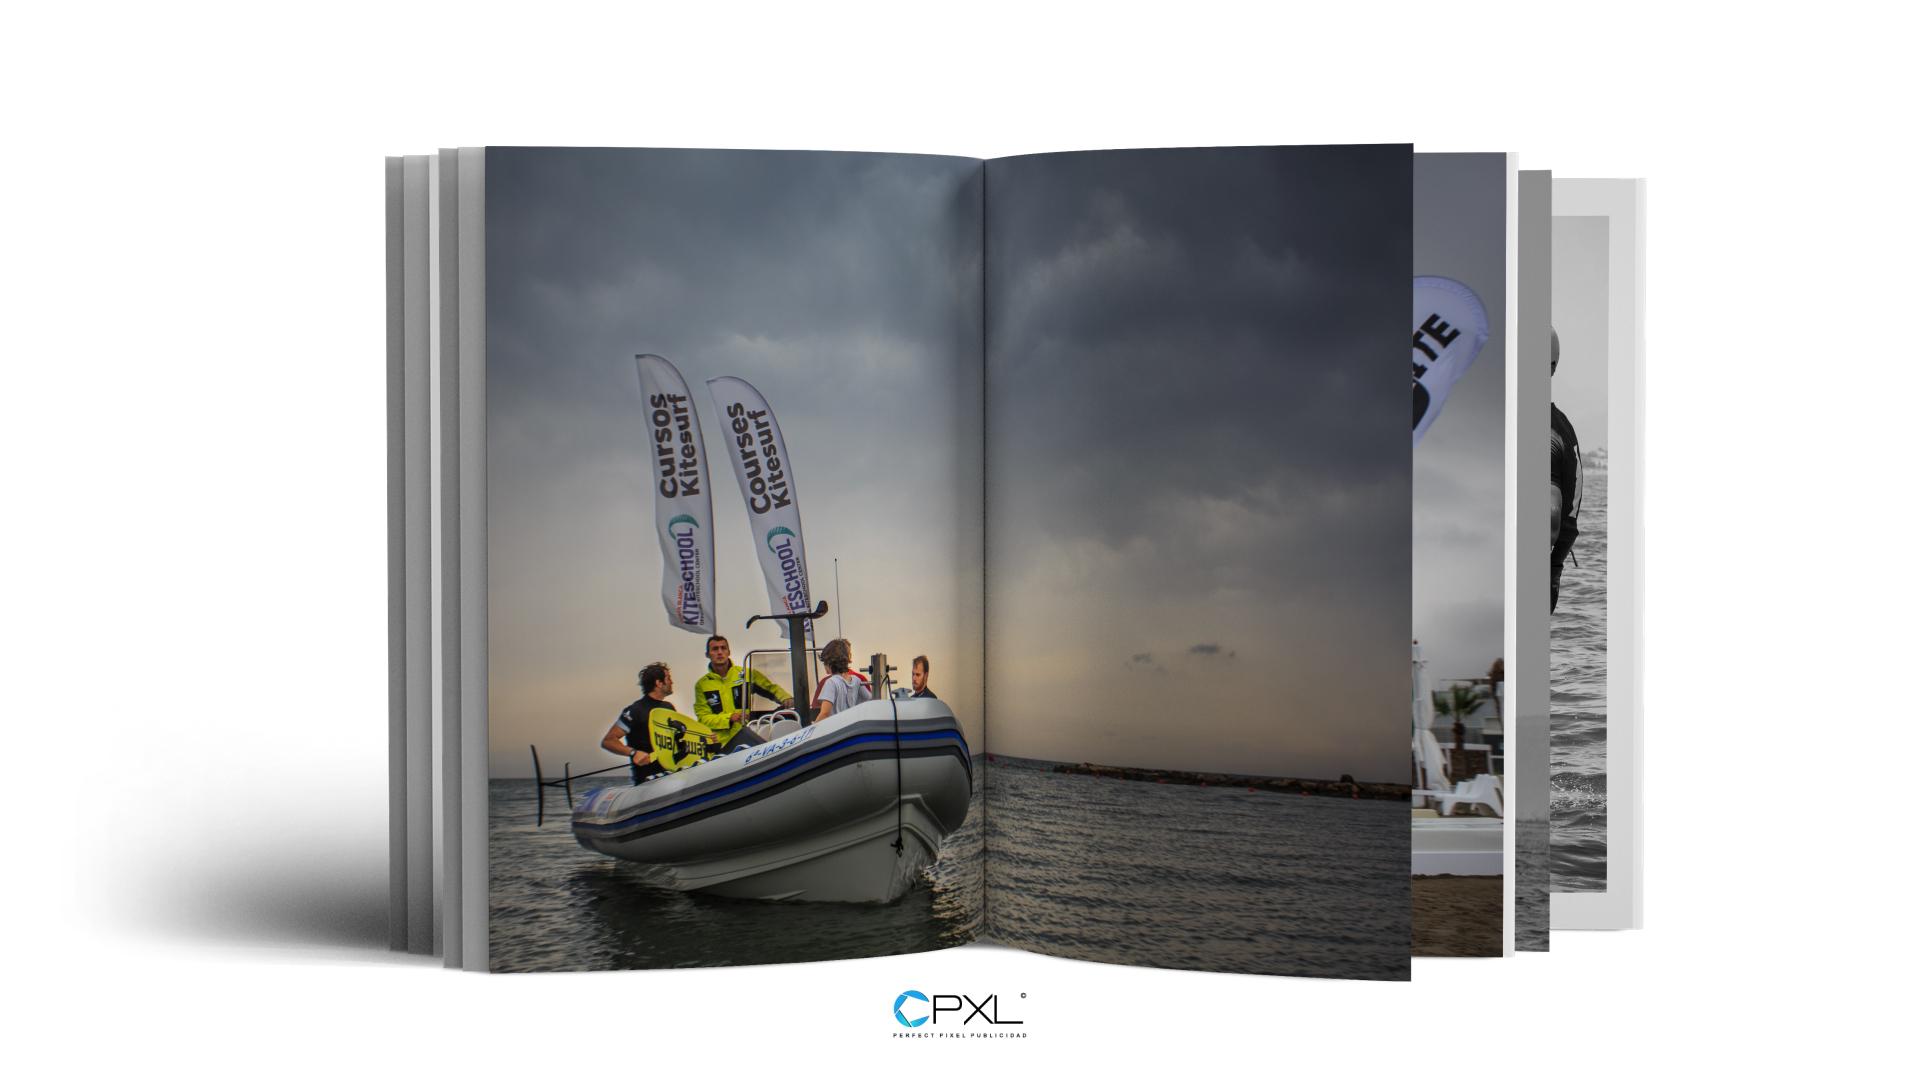 https://perfectpixel.es/wp-content/uploads/2017/07/Libro-oficial-Copa-Espa%C3%B1a-2017-F%C3%B3rmula-Kite-Perfect-Pixel-Agencia-Publicidad-Madrid-2.jpg